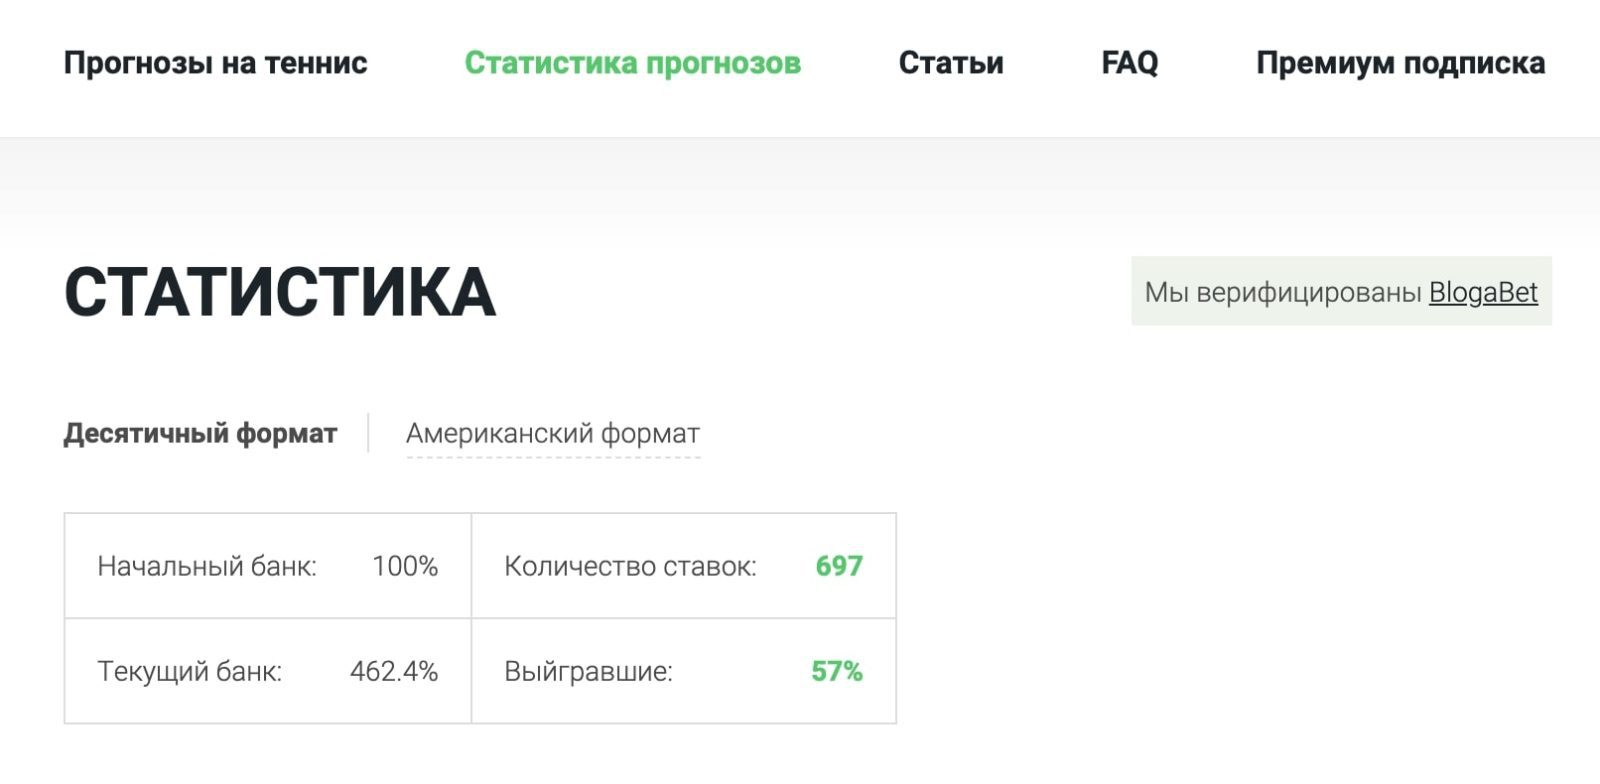 Статистика прогнозов на сайте Dotennis.ru (Дотеннис ру)